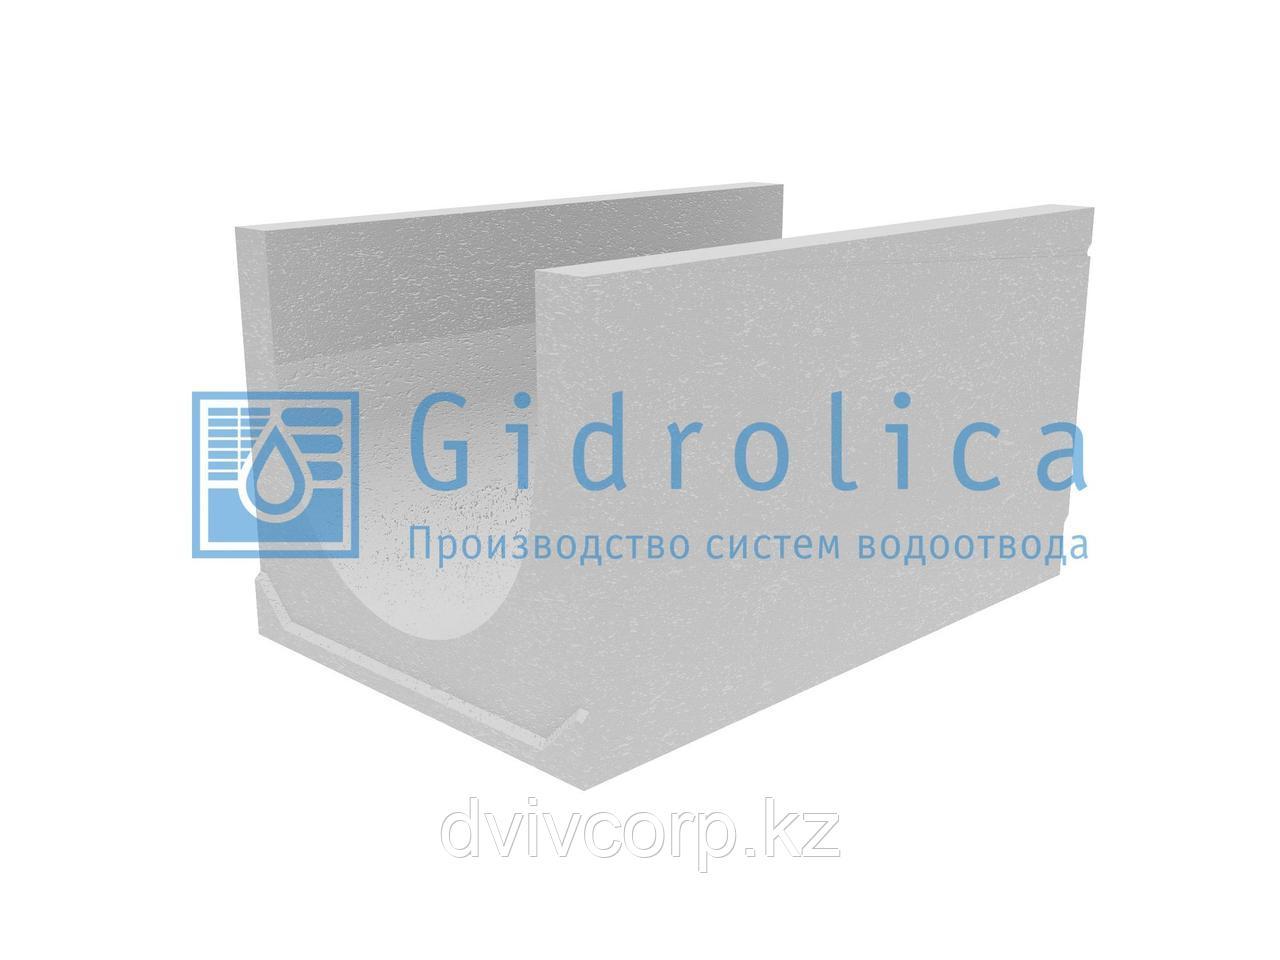 Лоток водоотводный бетонный коробчатый (СО-500мм), с уклоном 0,5%  КUу 100.65(50).55,5(46,5) - BGU-XL, № 21